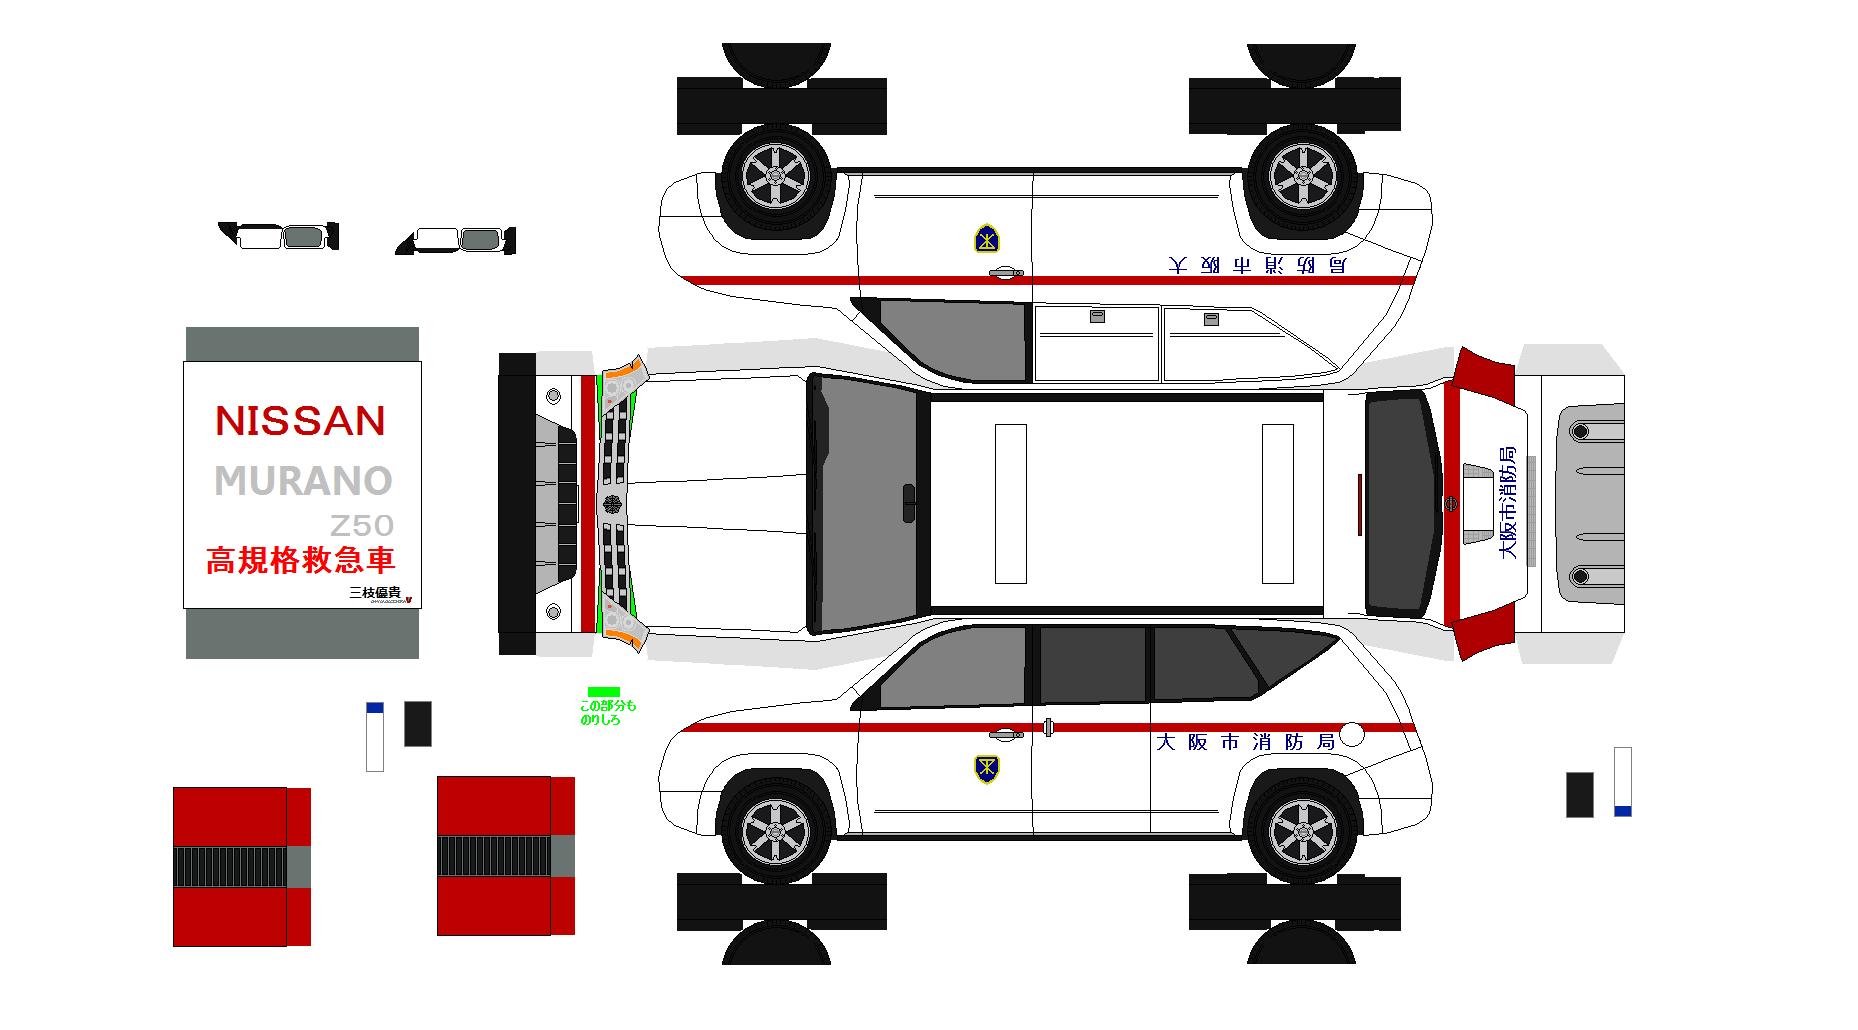 布沢アルペジオペーパークラフト館 日産車